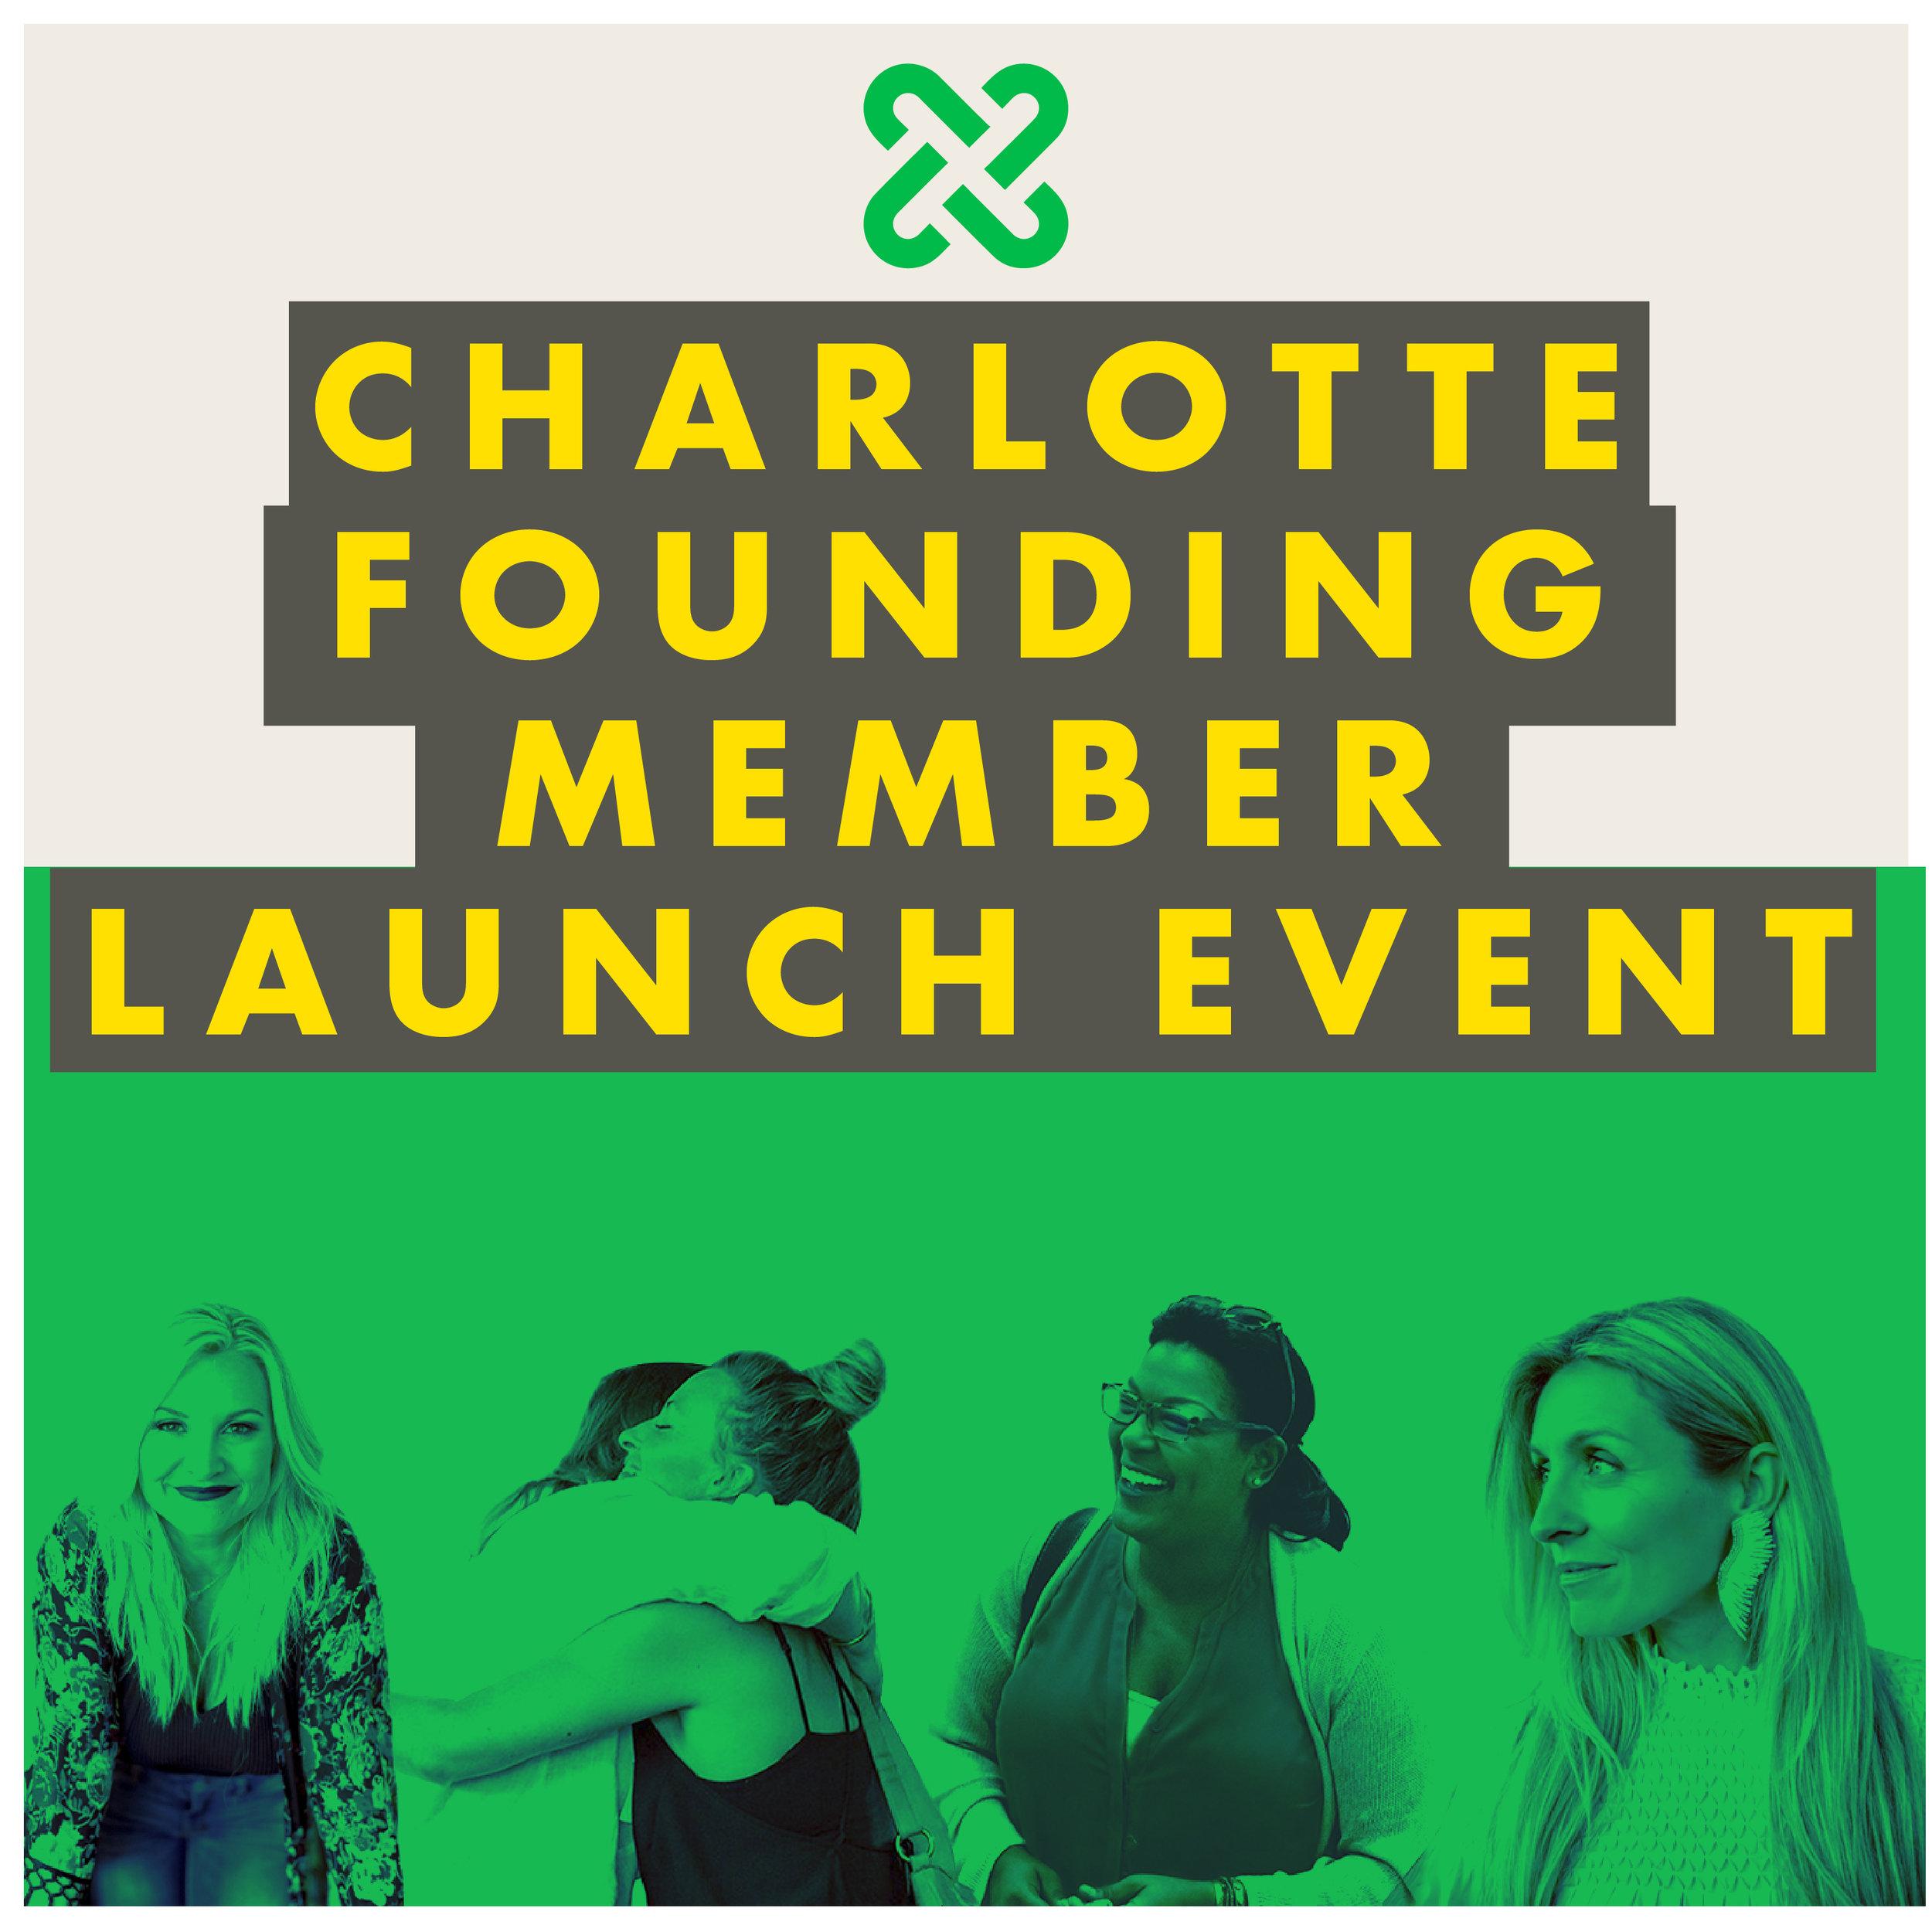 CharlotteFoundingEvent-01-01-01.jpg